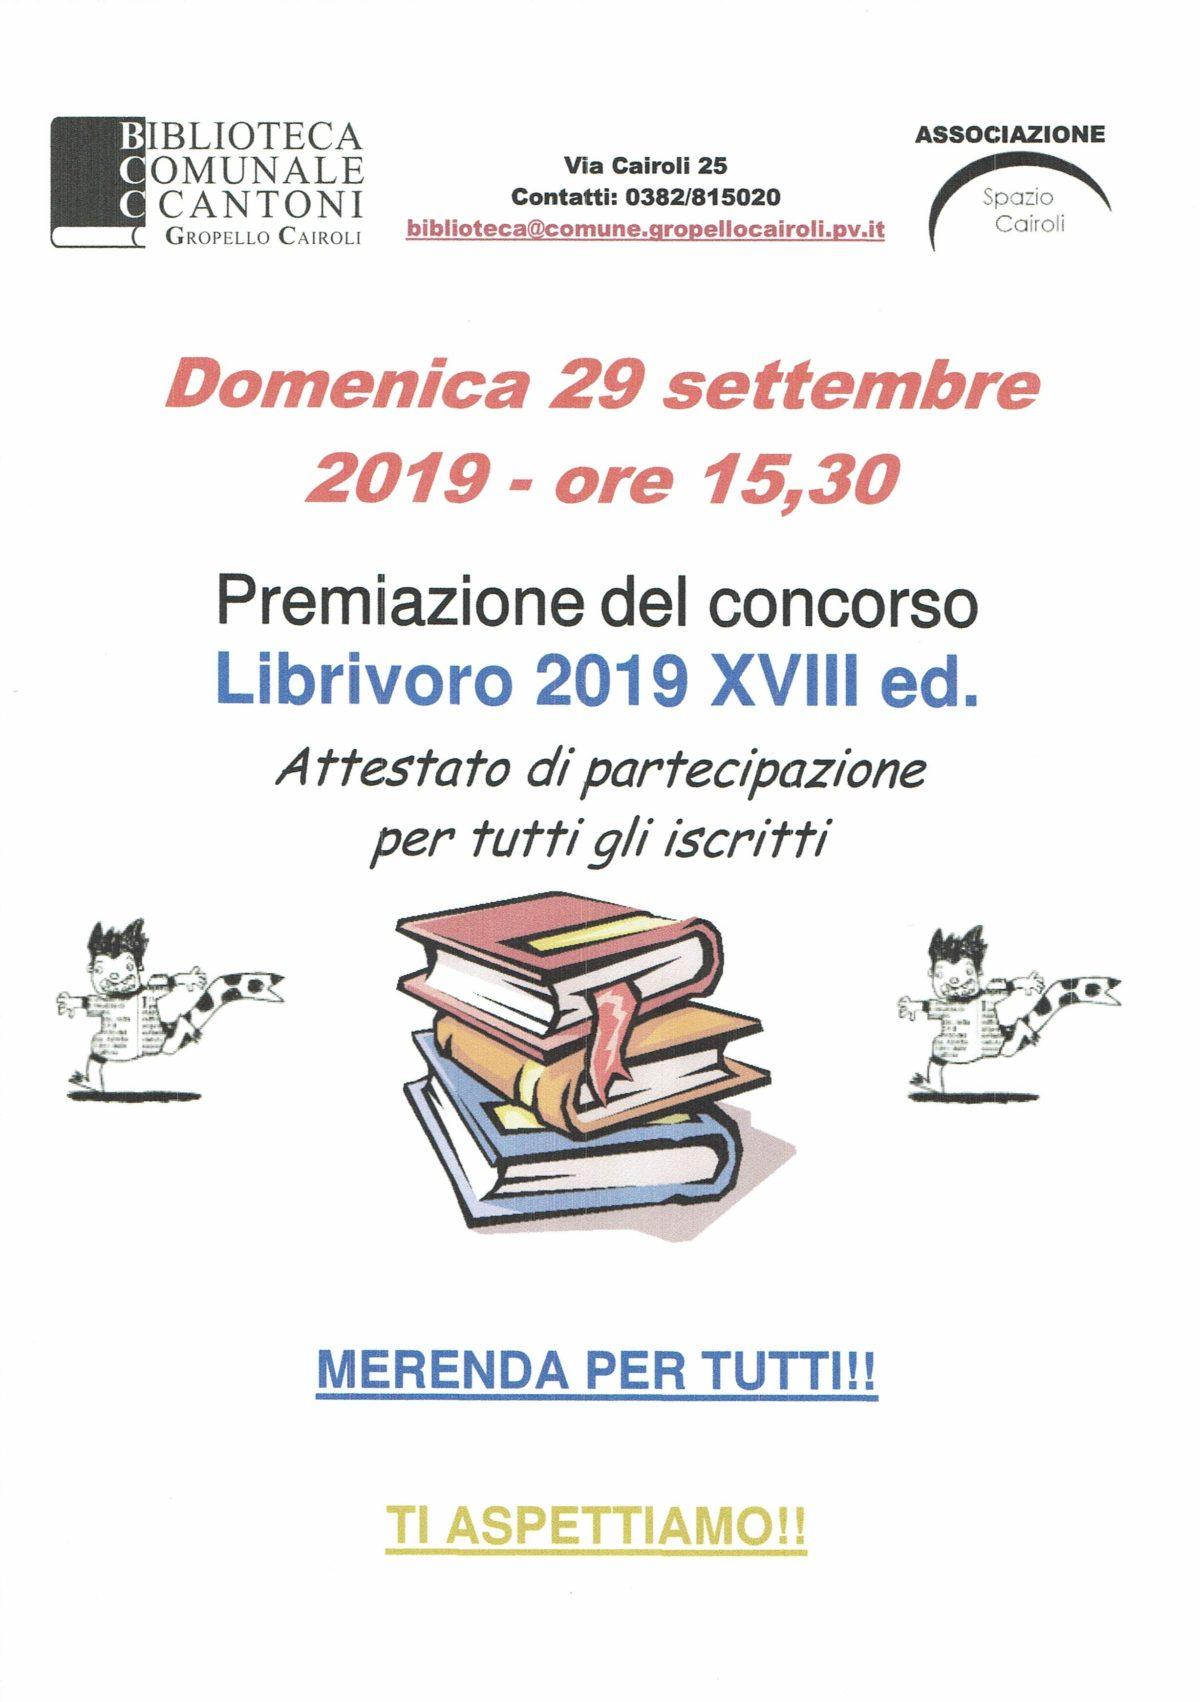 Locandina Premiazione Librivoro 2019